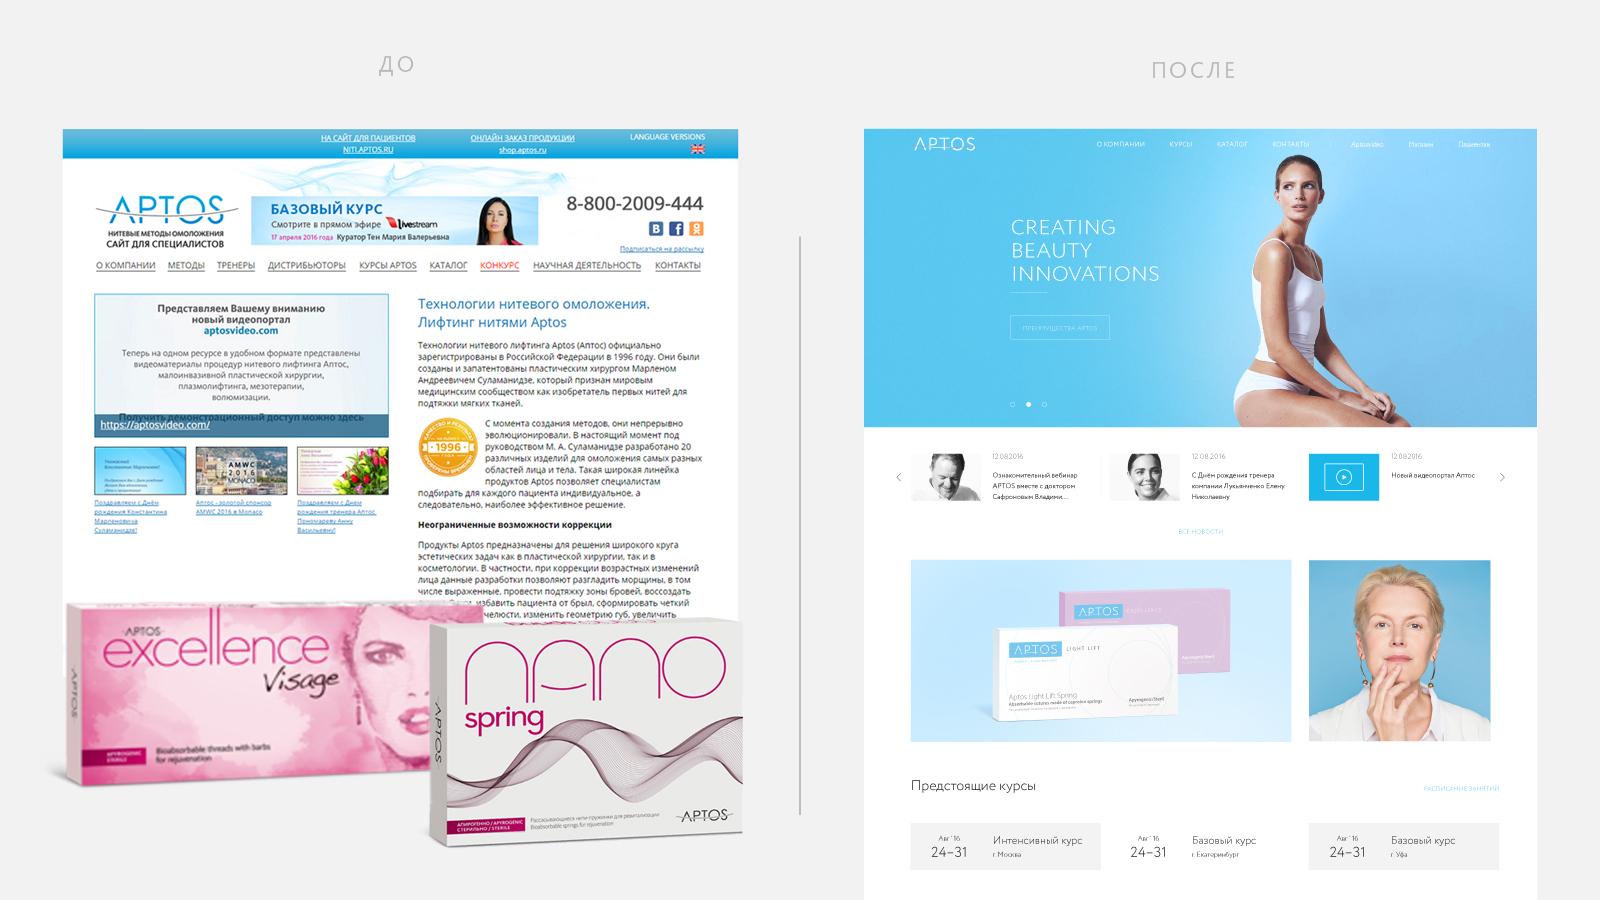 Разработка сайта, дизайн рекламы, информационных и полиграфических материалов для бренда APTOS. Итоги рестайлинга бренда: до и после.